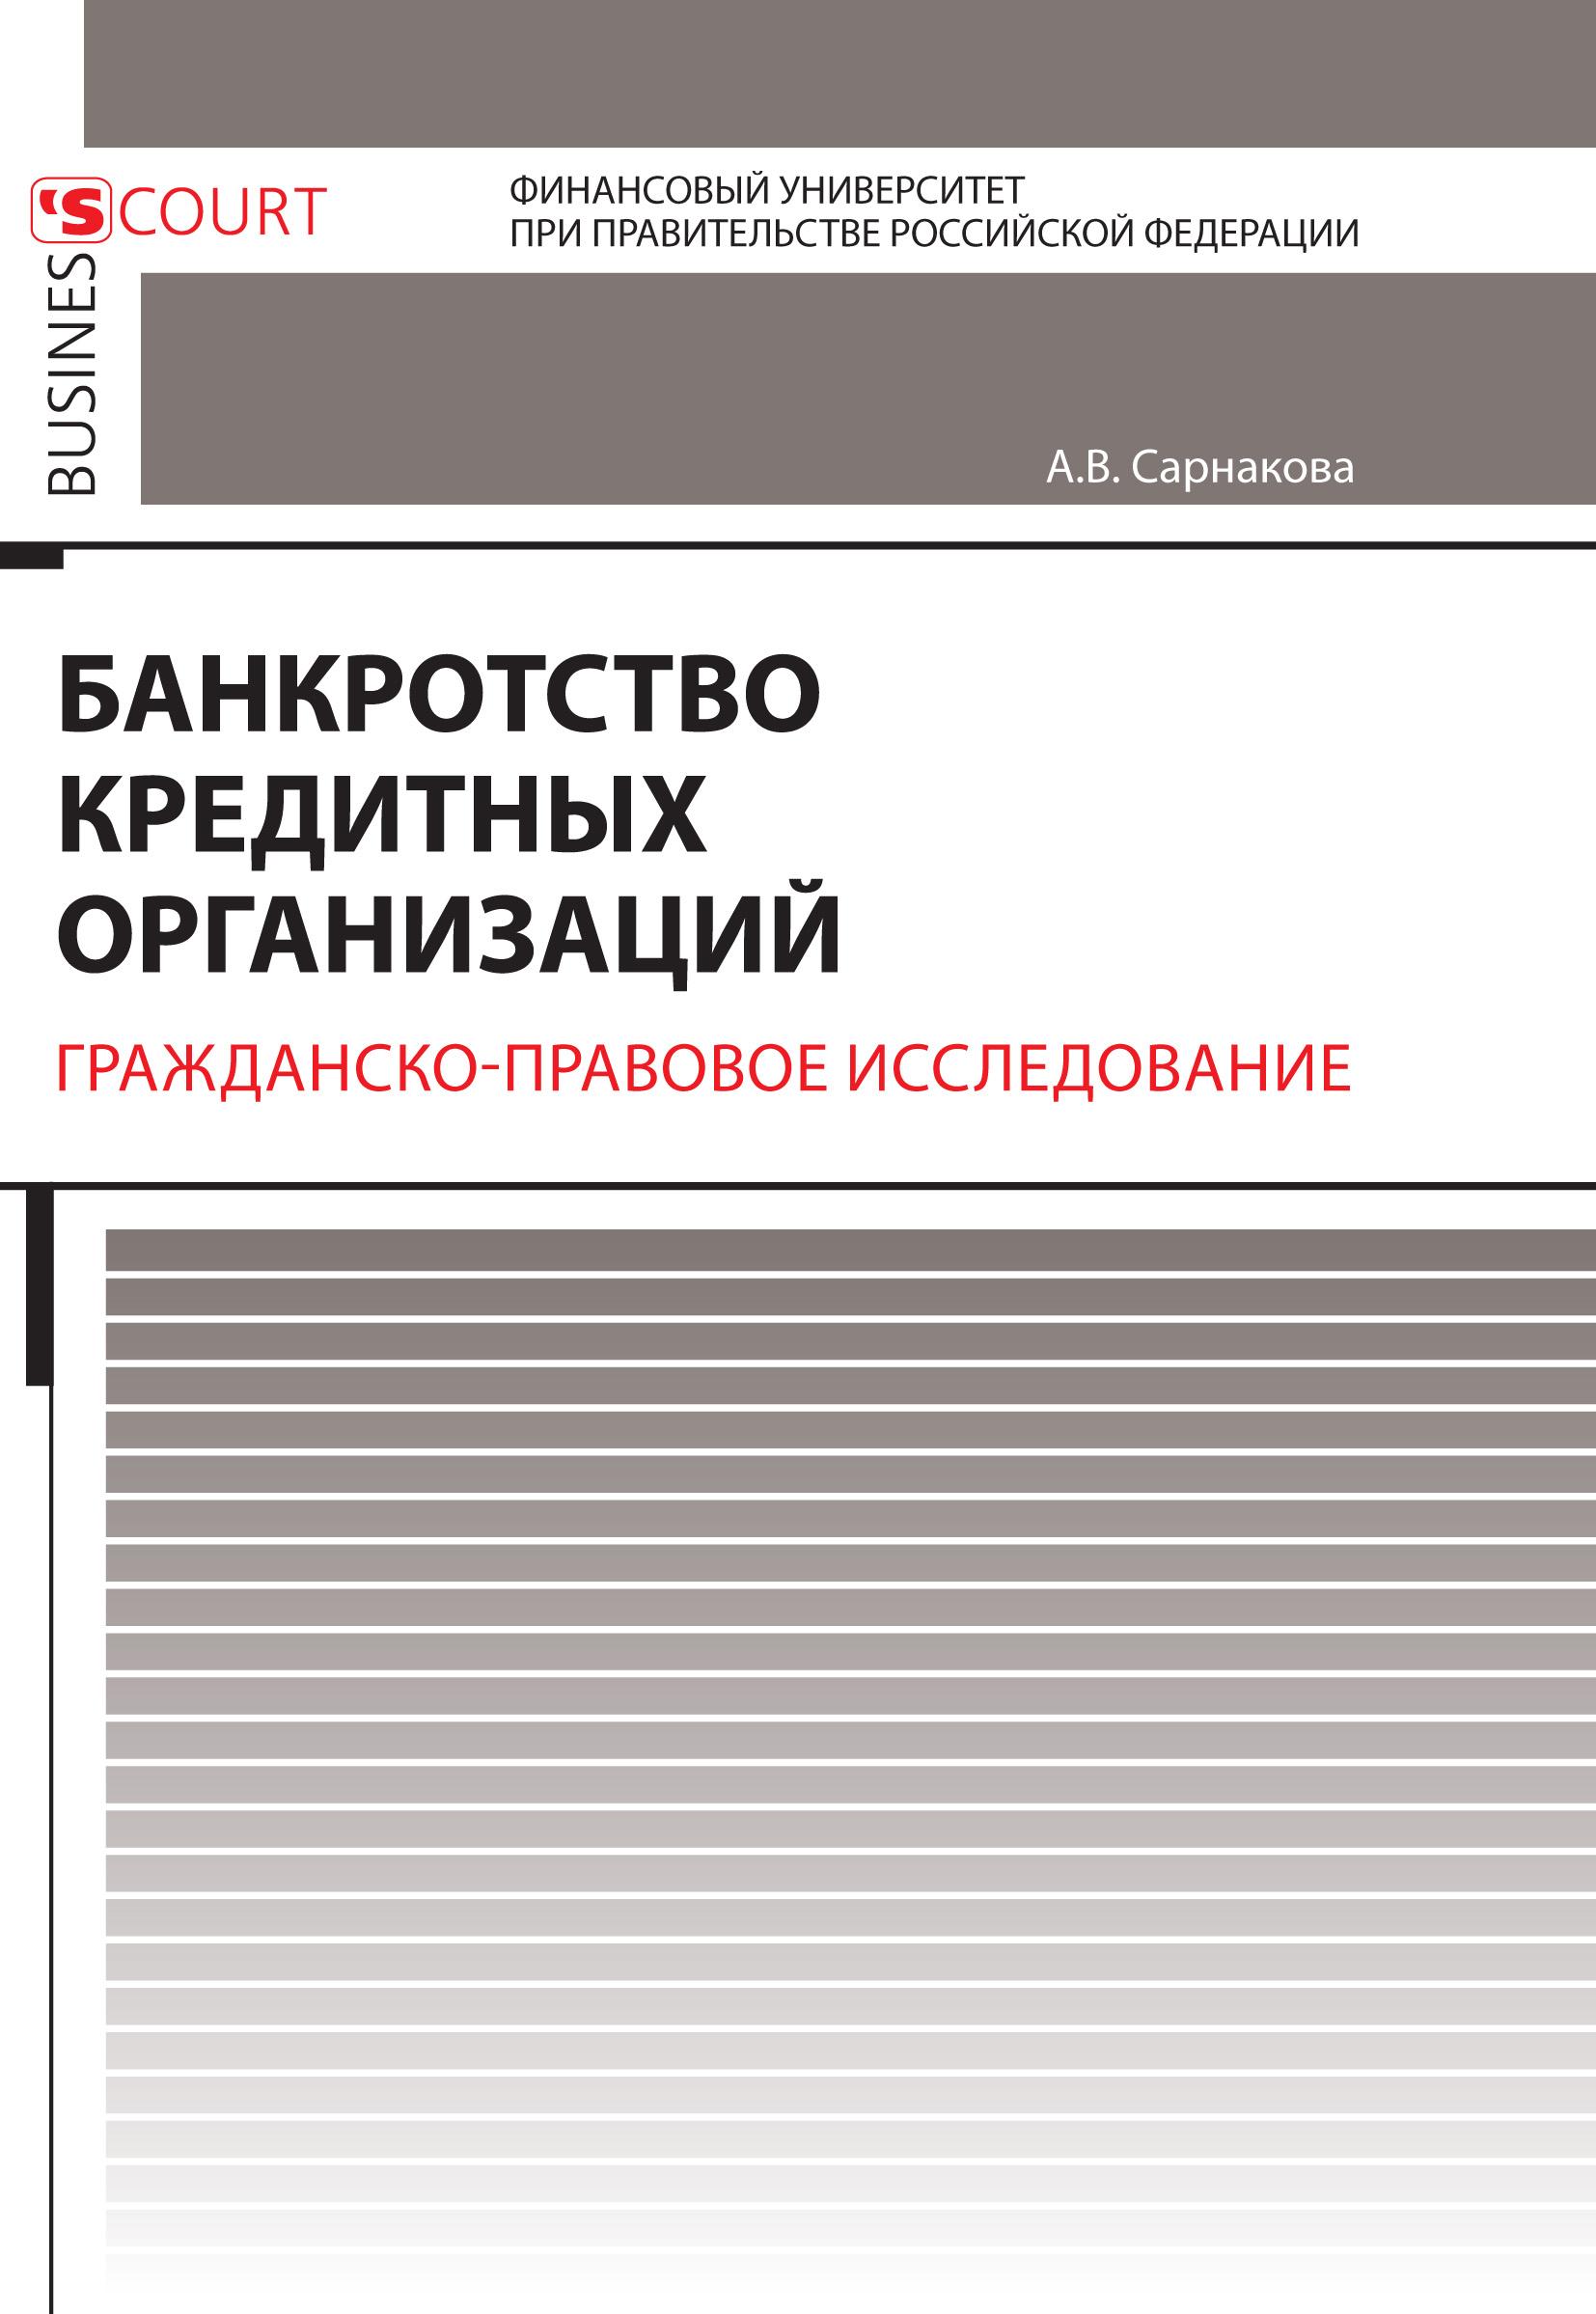 А. В. Сарнакова Банкротство кредитных организаций. Гражданско-правовое исследование